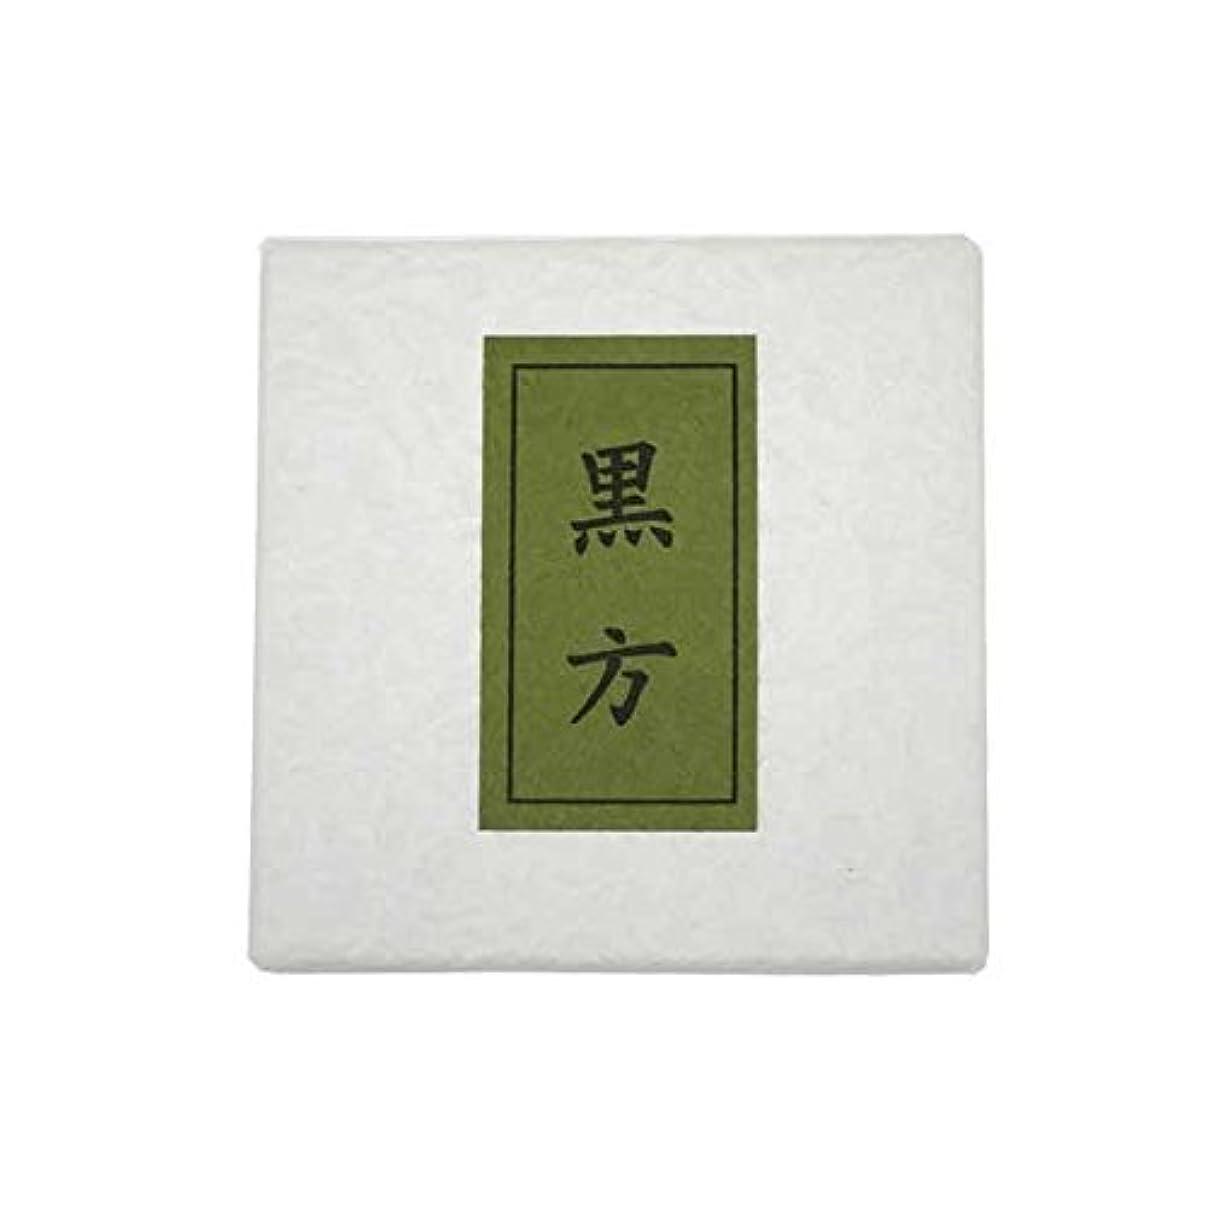 ソート受粉する悲しみ黒方 紙箱入(ビニール入)